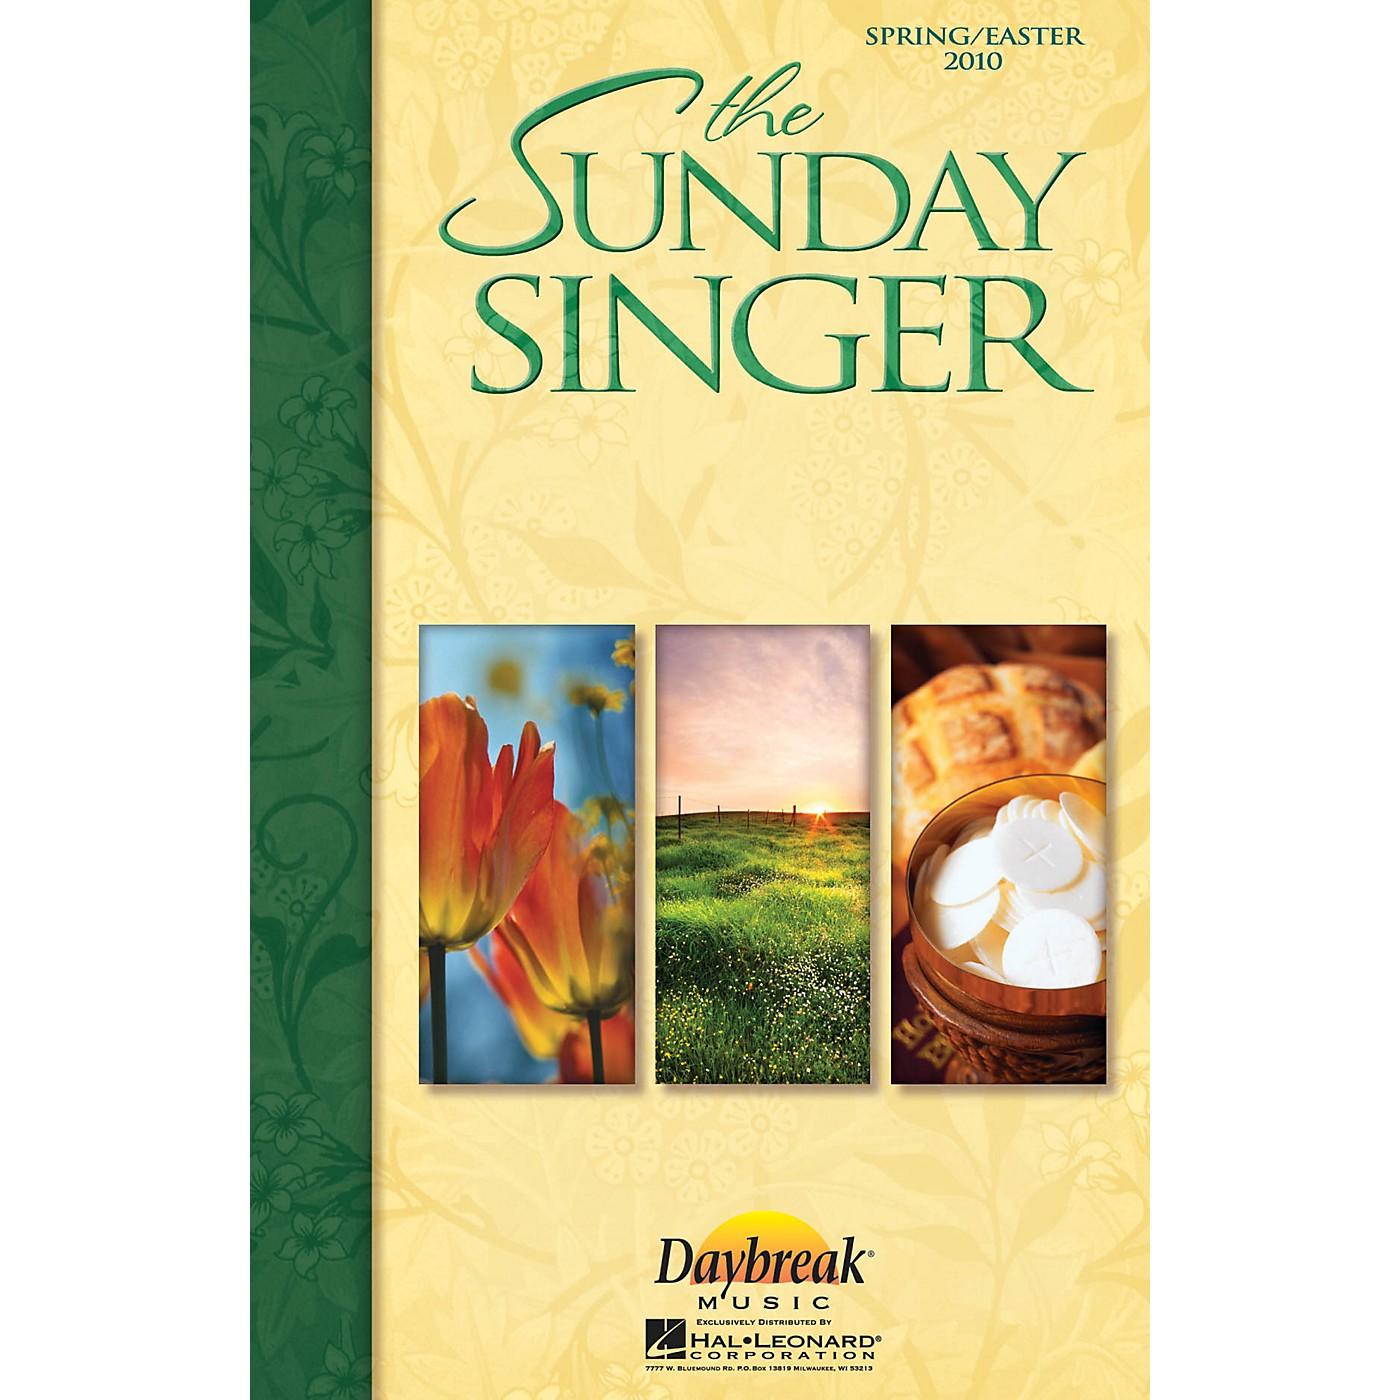 Daybreak Music The Sunday Singer (Spring/Easter 2010) CD 10-PAK thumbnail